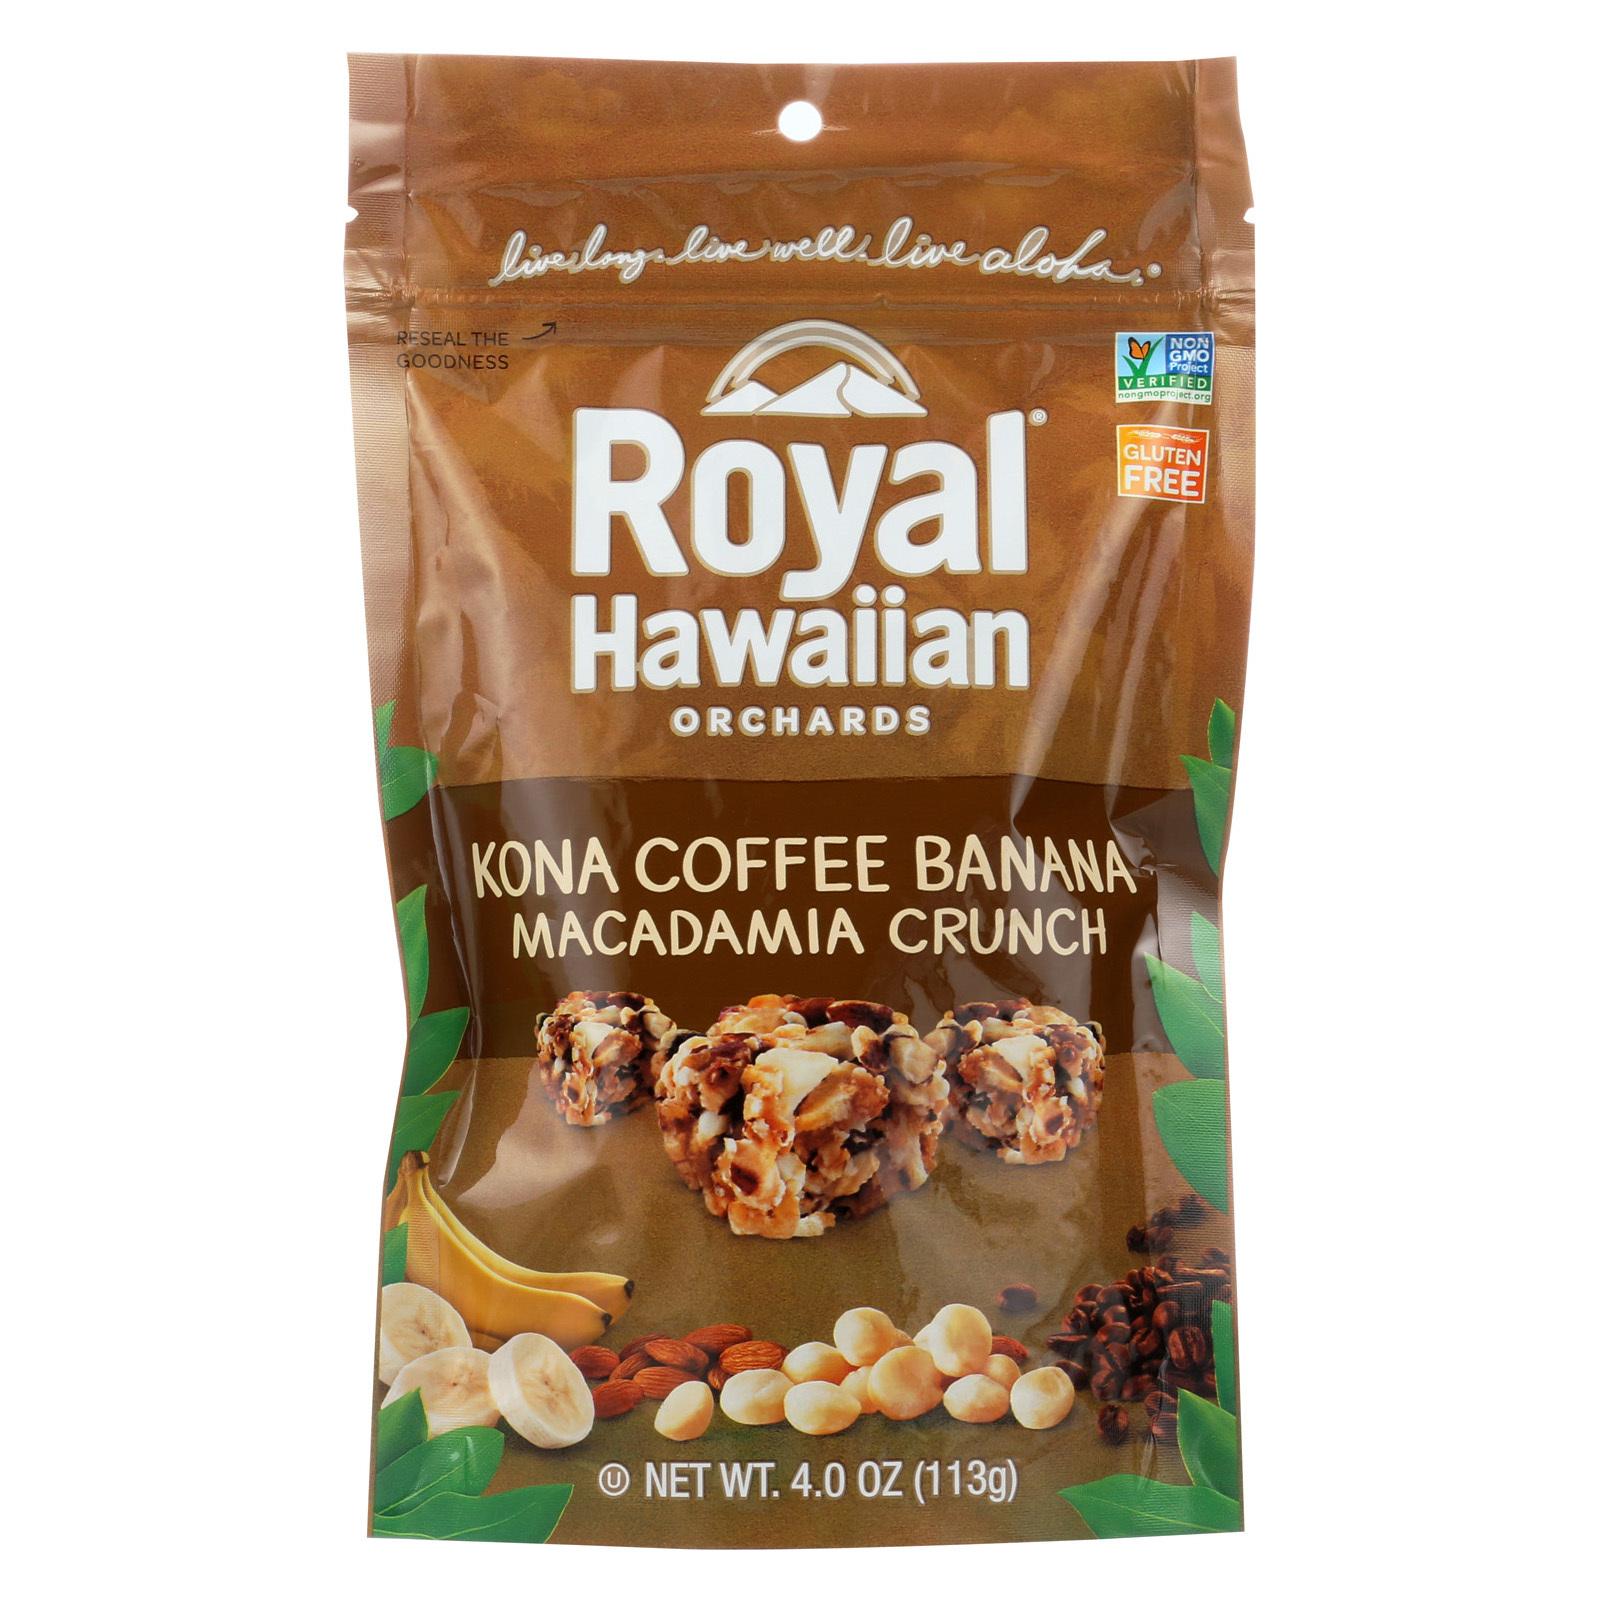 Royal Hawaiian Orchards Macadamia Crunch - Kona Coffee Banana - Case of 6 - 4 oz.